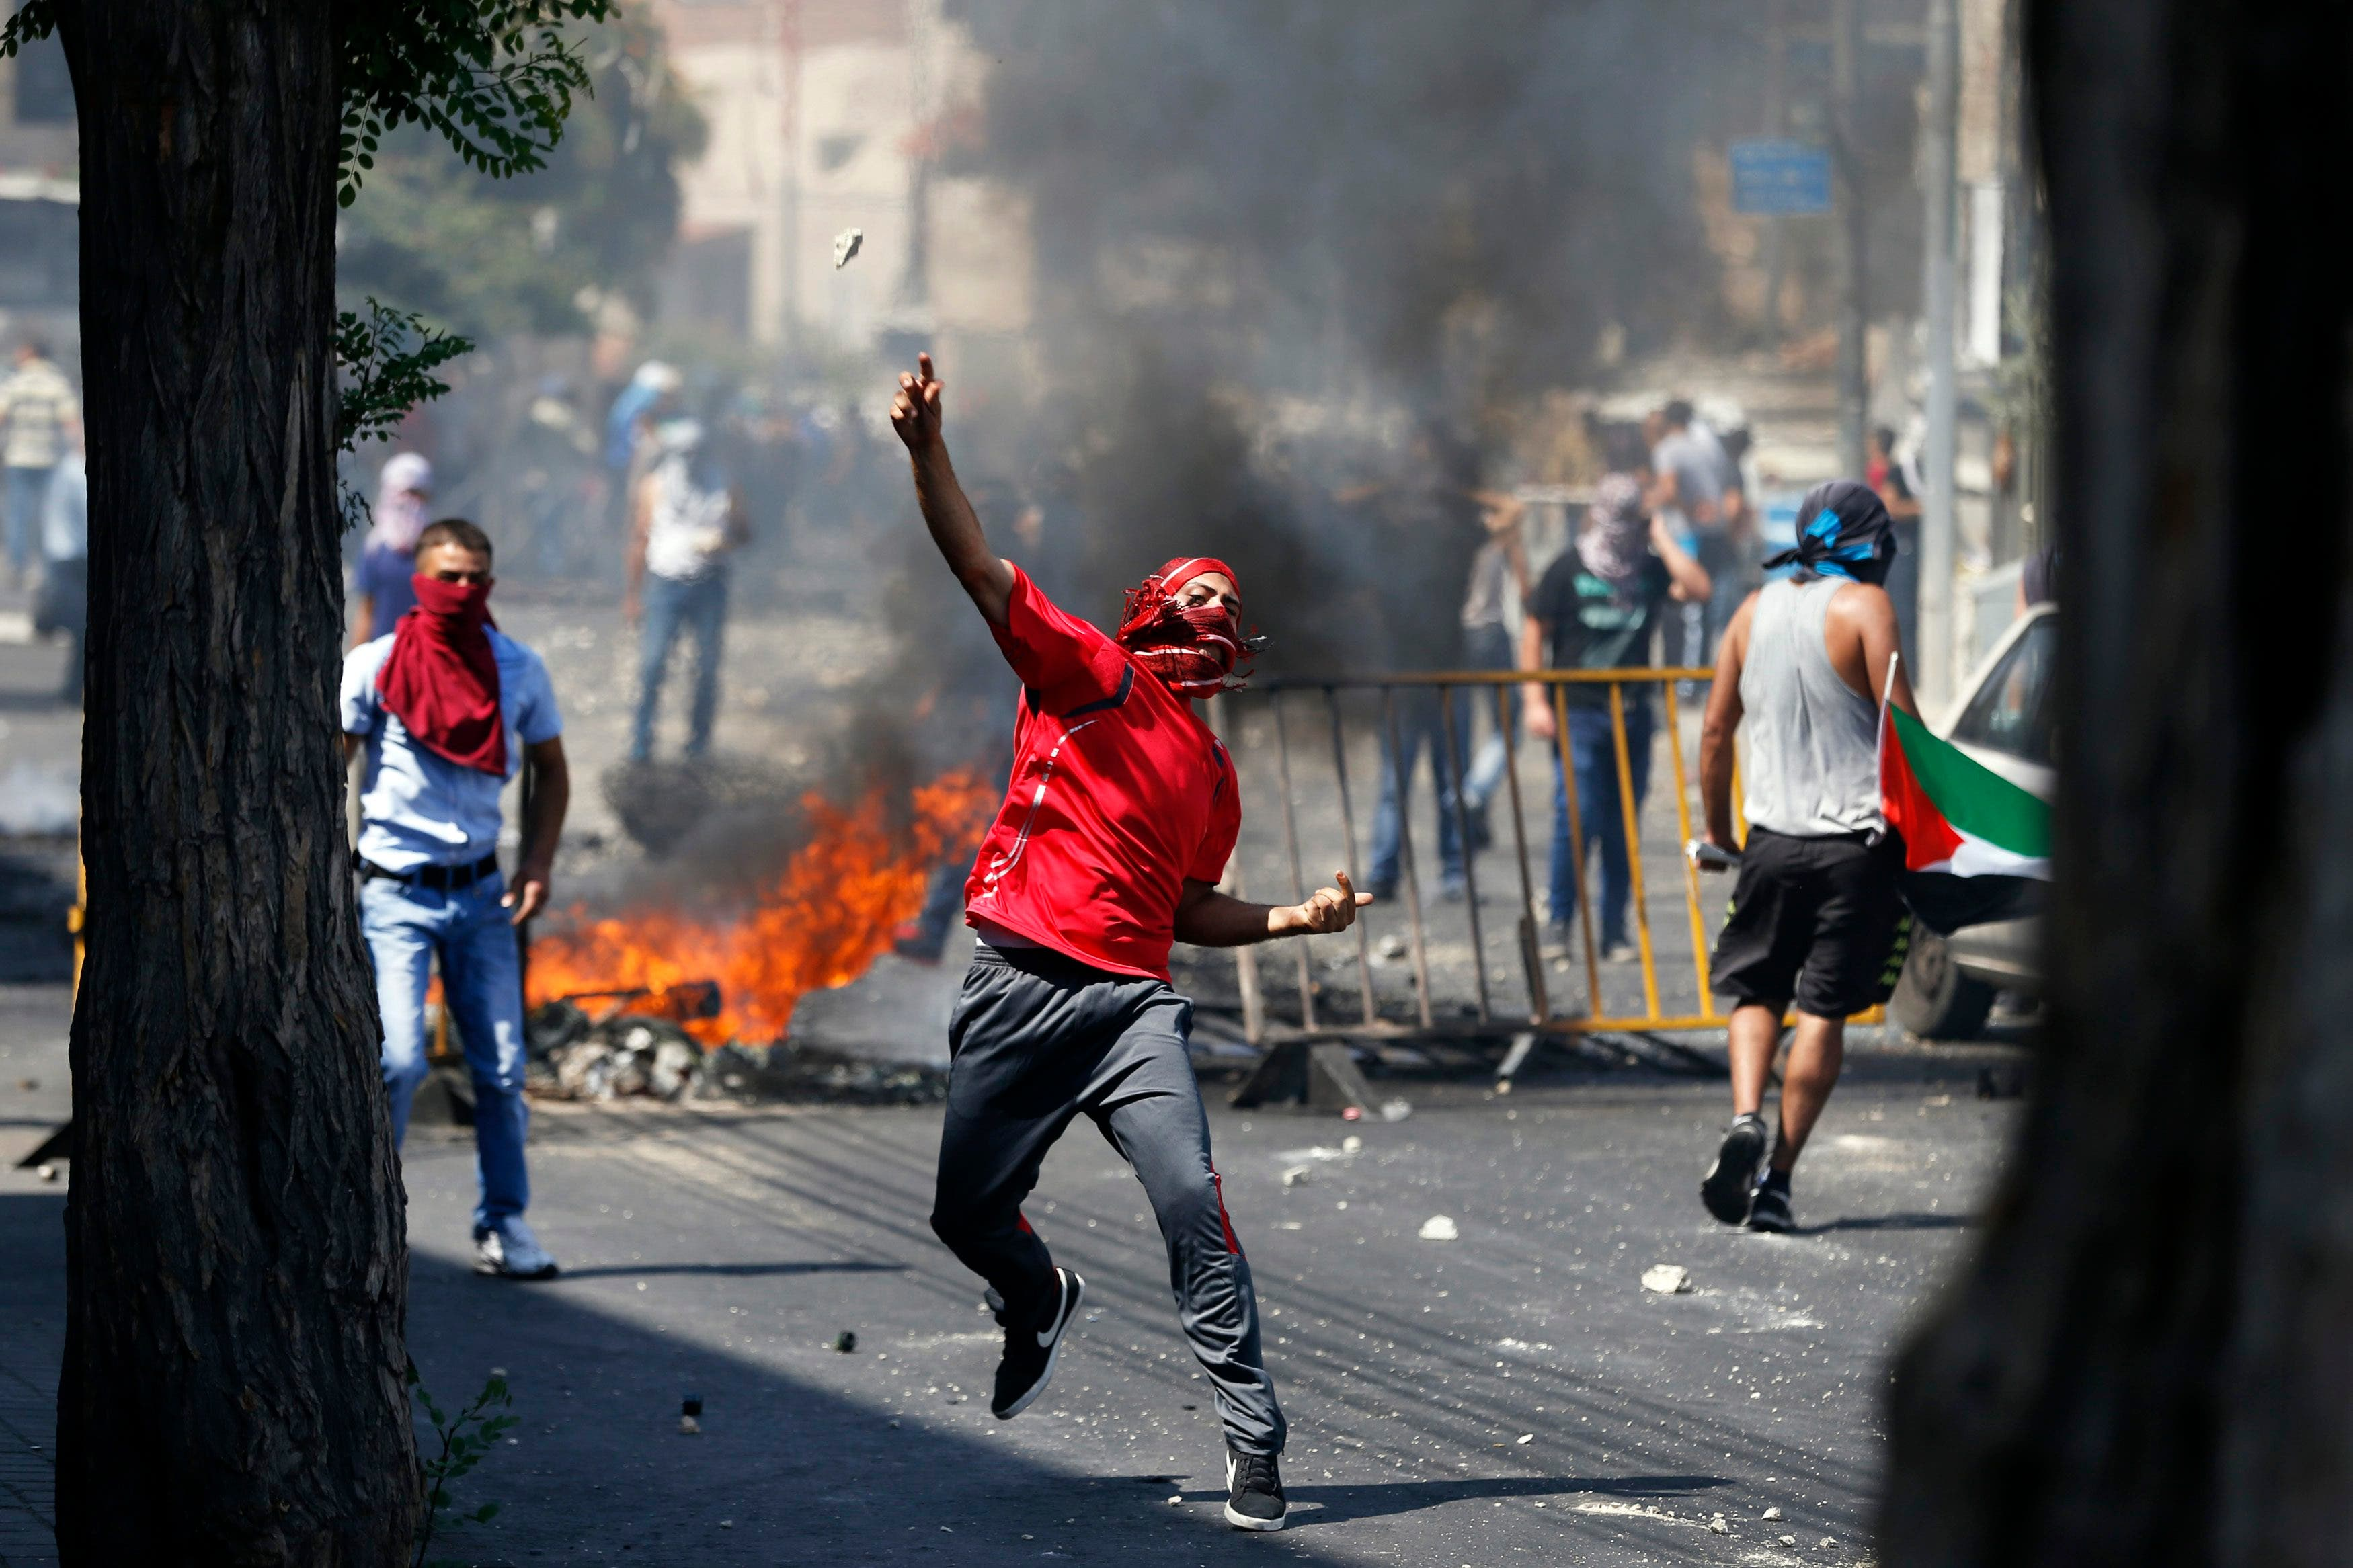 غضب ضد اسرائيل خلال جنازة الفتى الفلسطيني القتيل